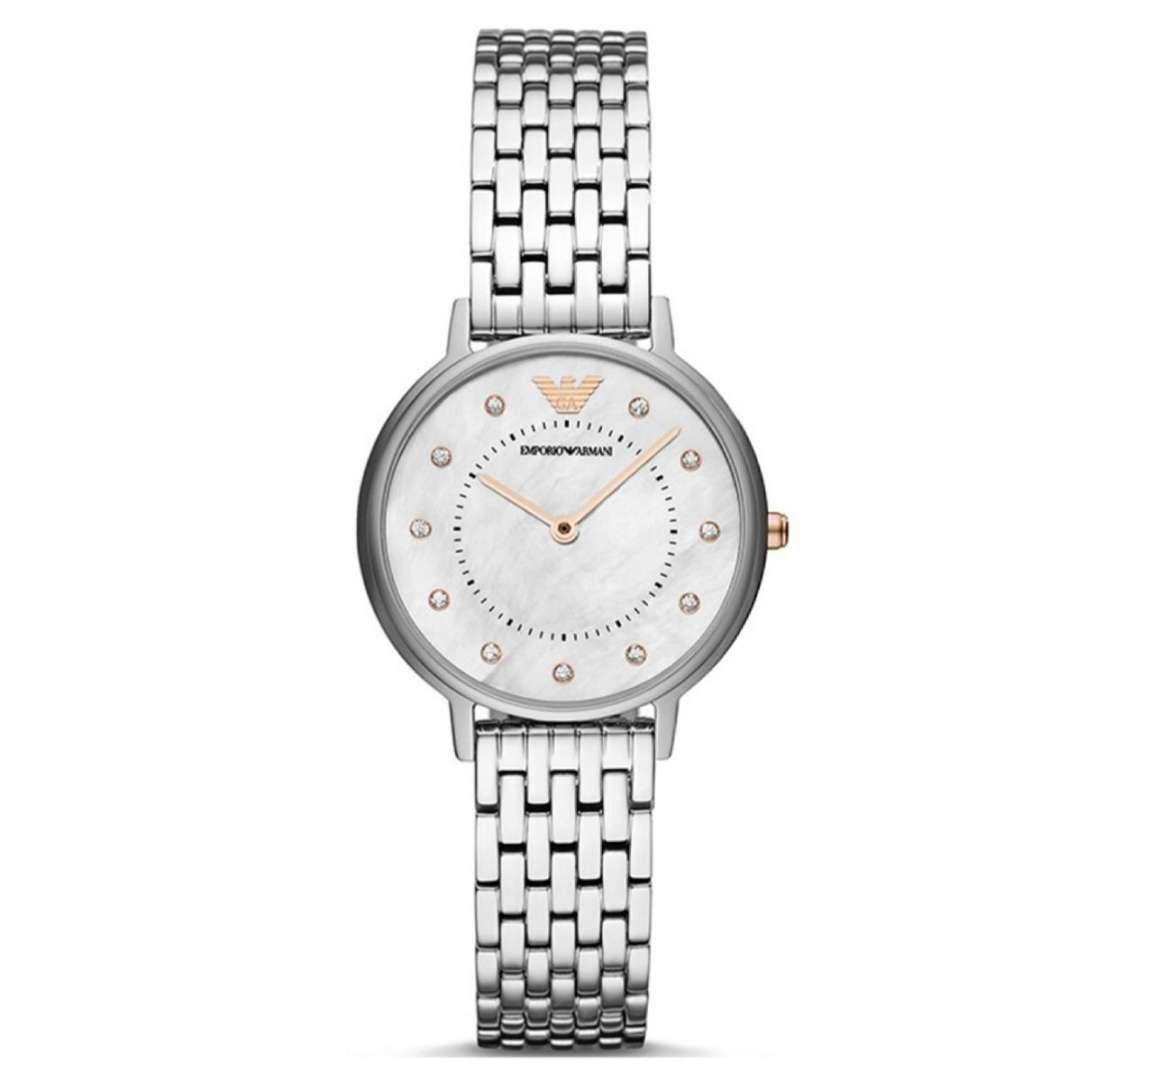 שעון יד אנלוגי לאישה emporio armani ar80014l אמפוריו ארמני